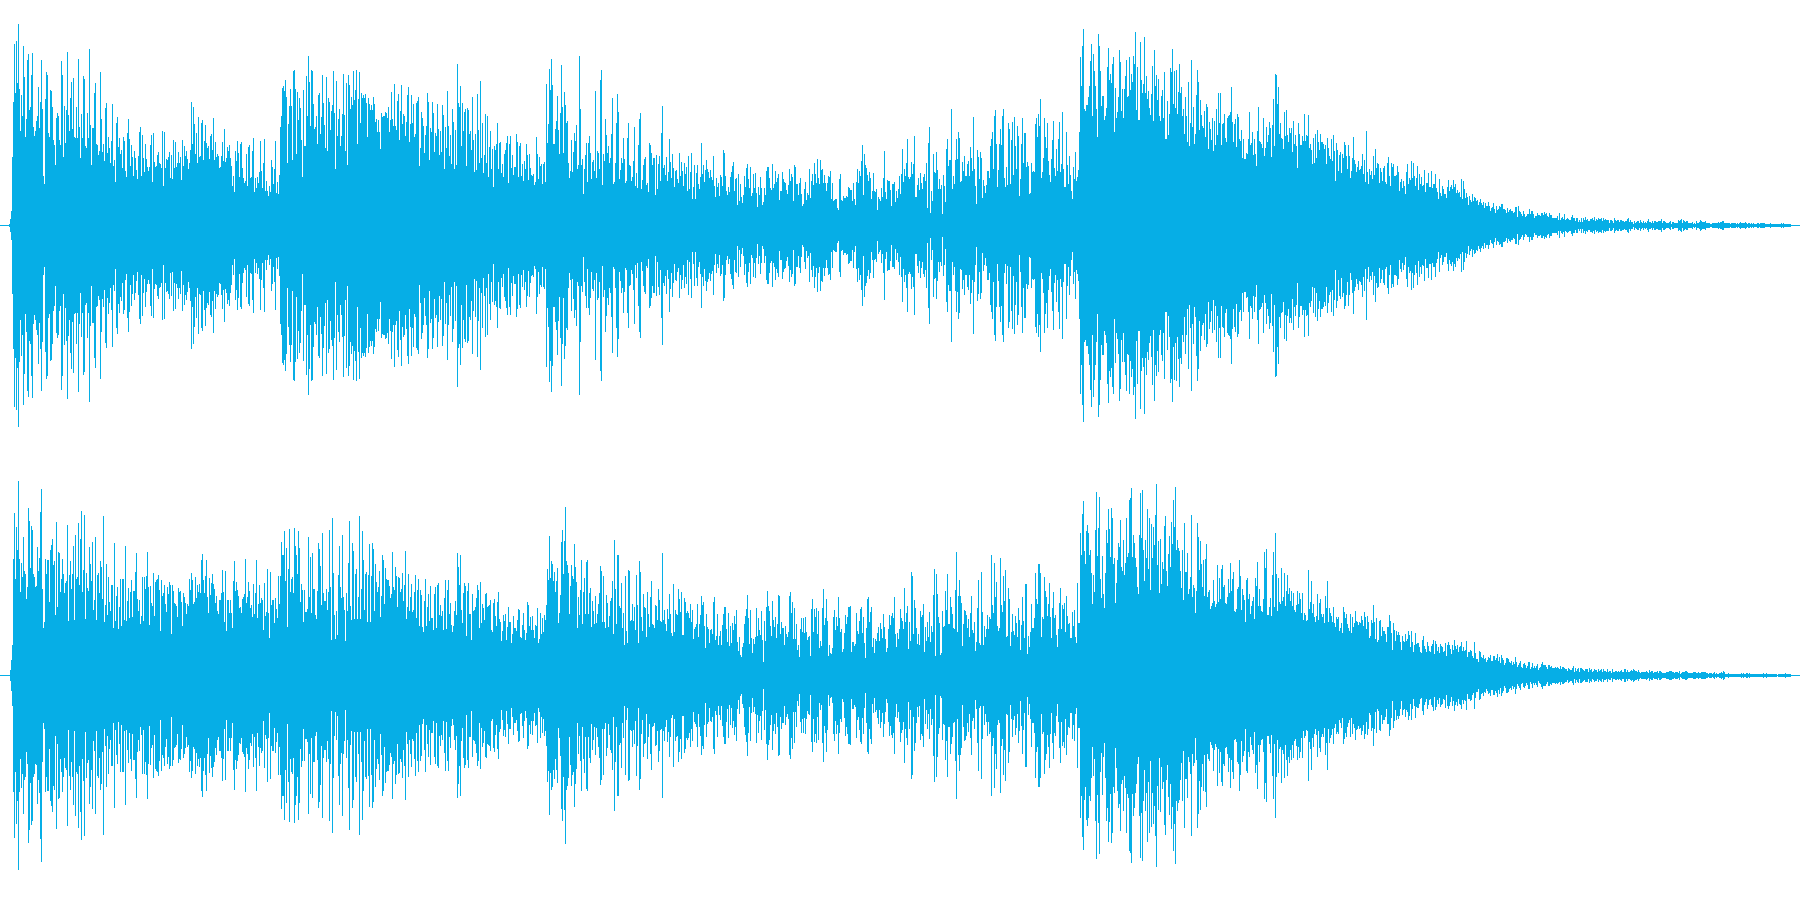 アニメなどのアイキャッチを華やかな音で…の再生済みの波形